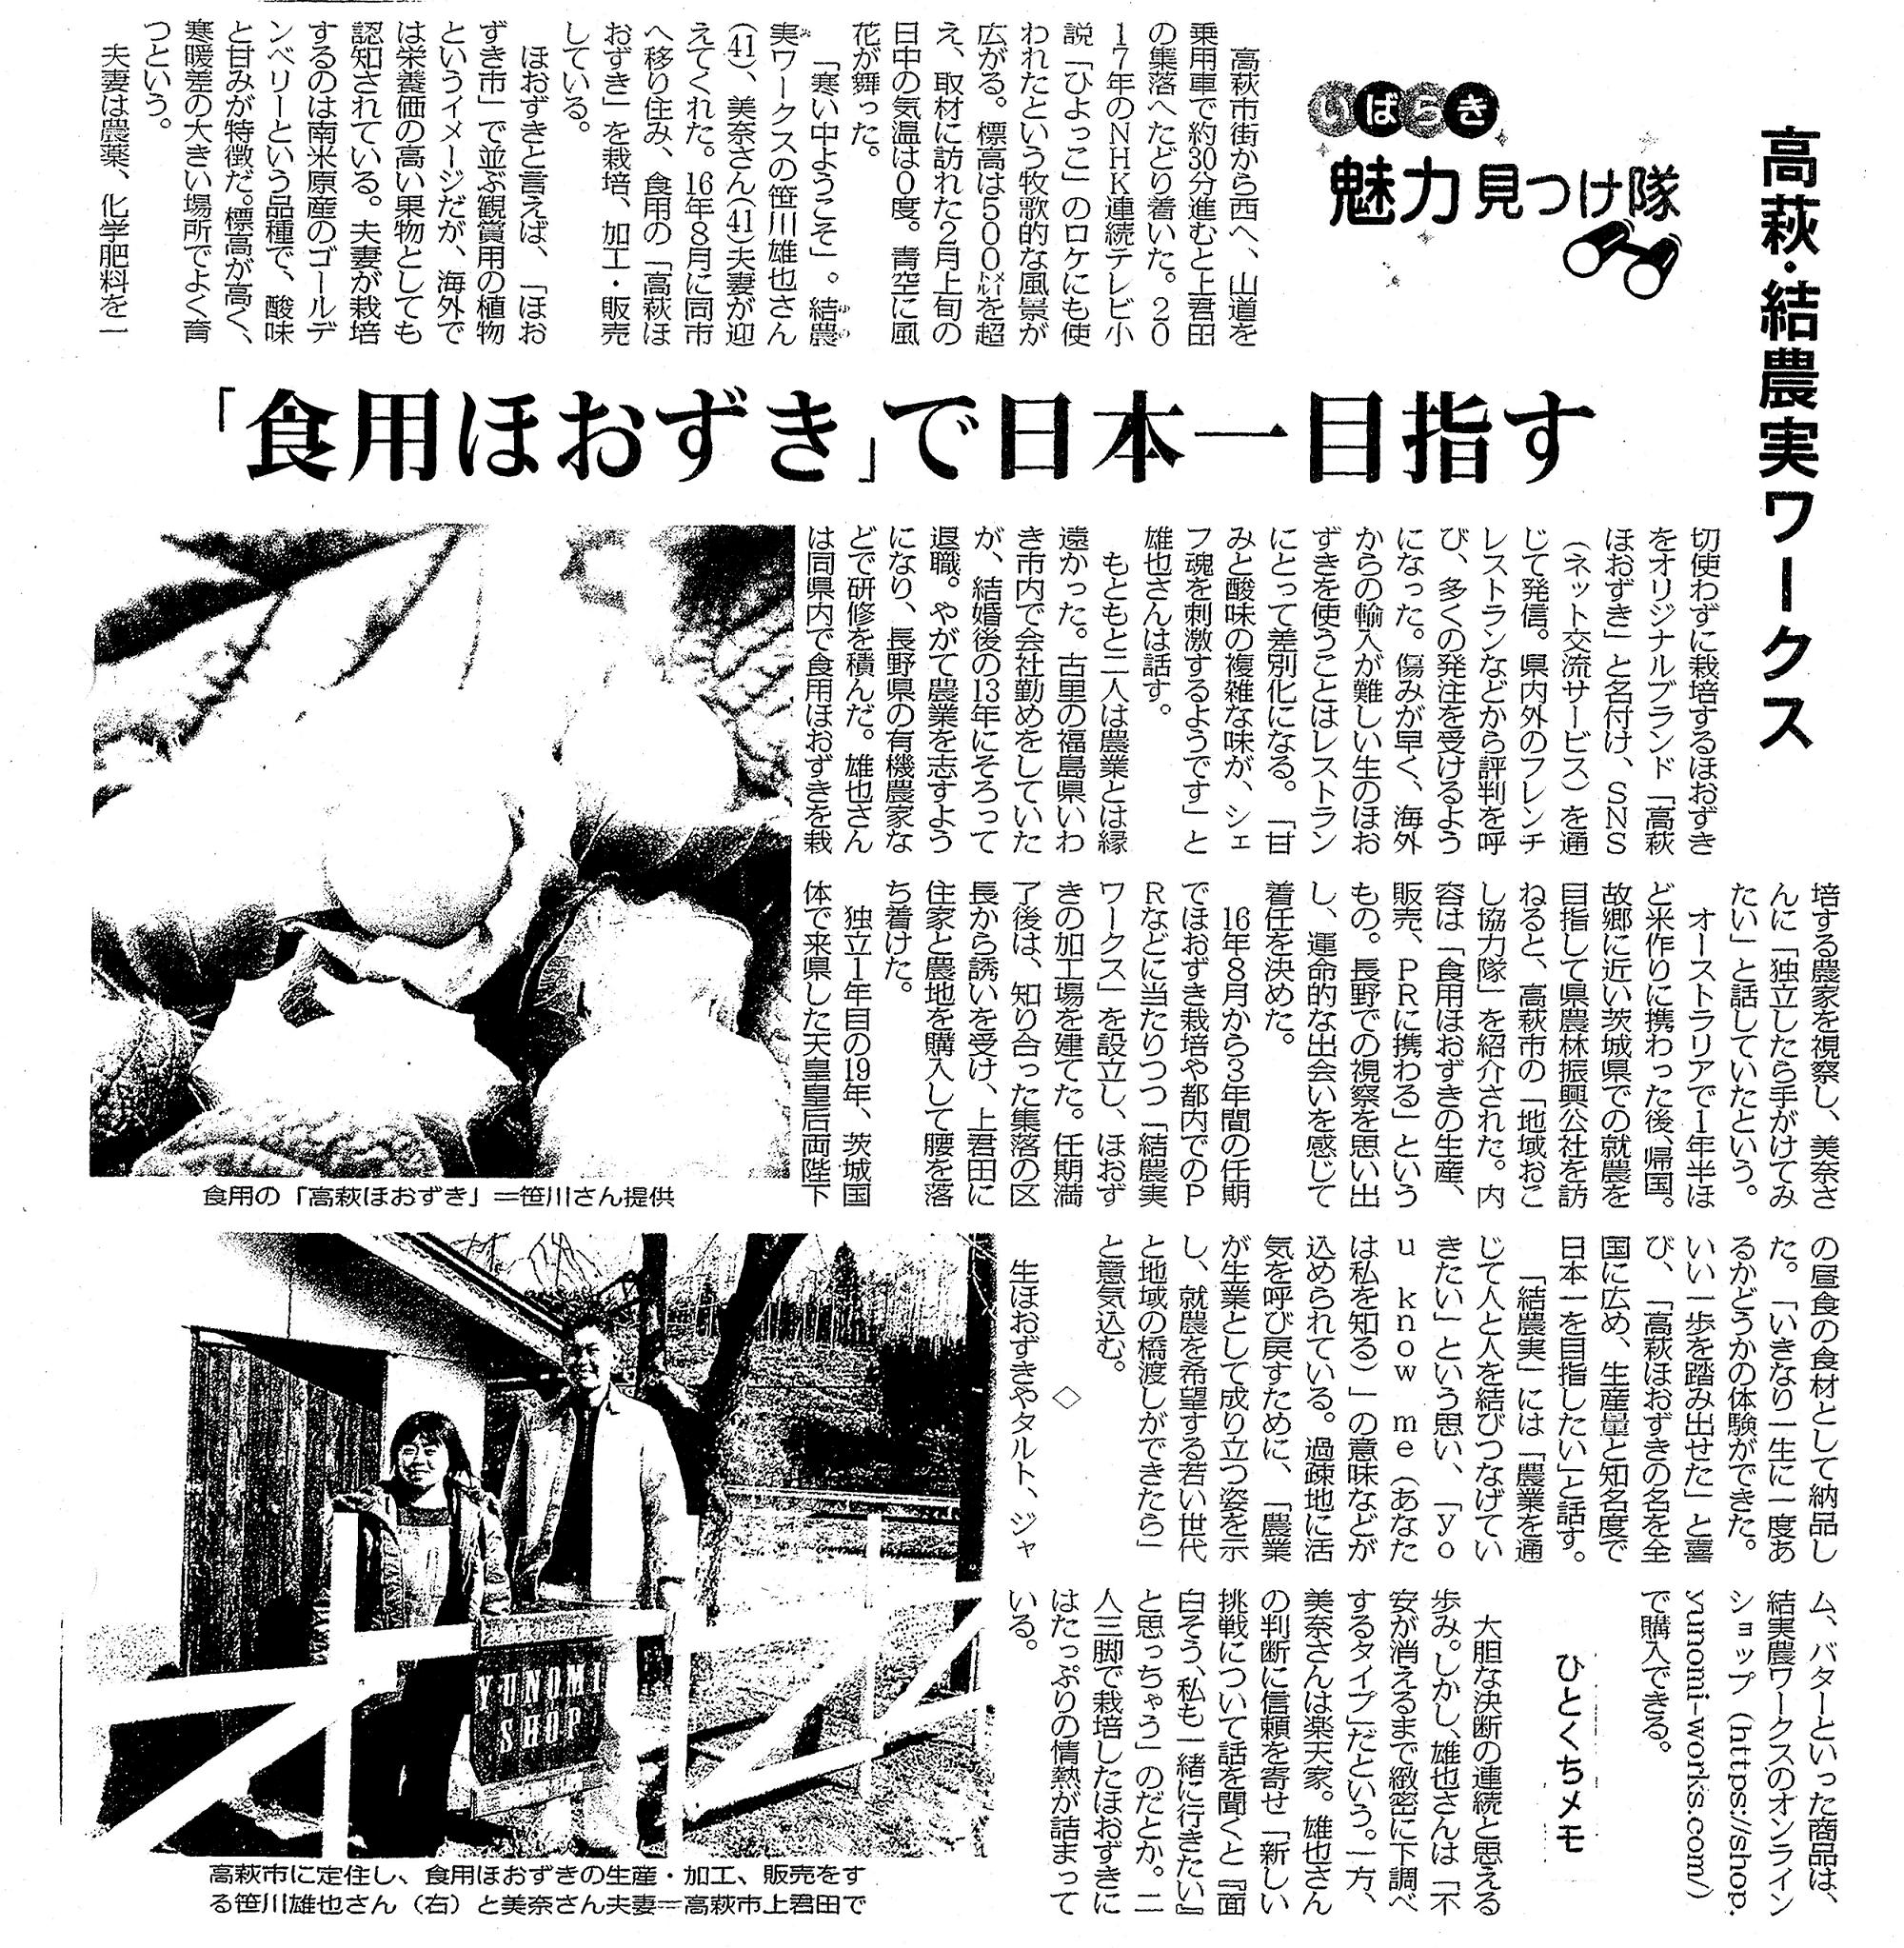 【毎日新聞掲載】